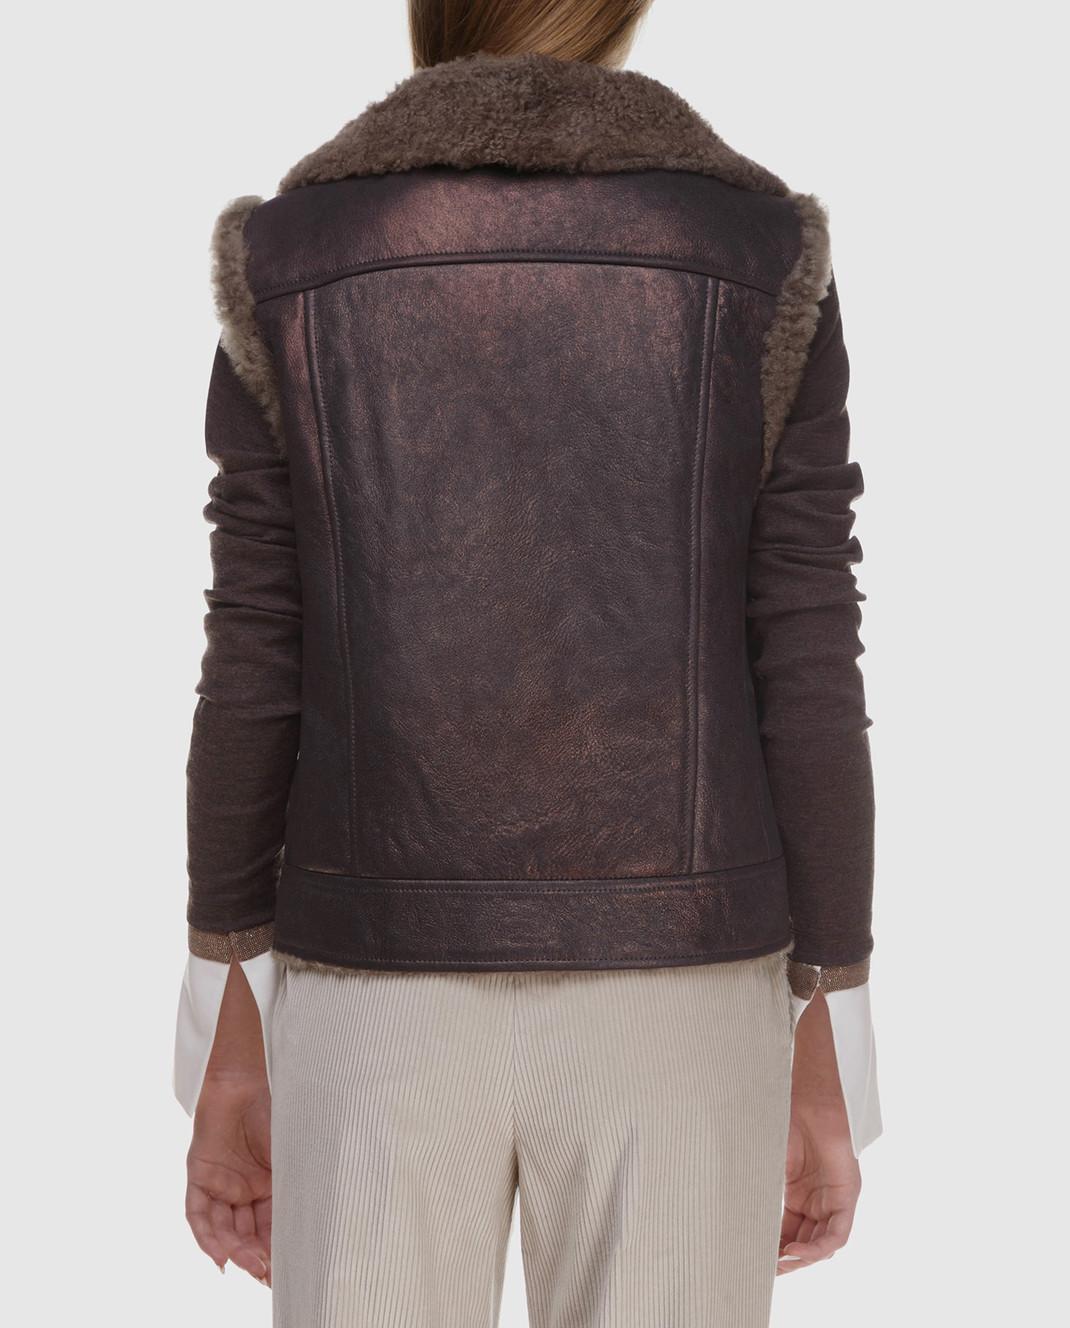 Brunello Cucinelli Коричневый кожаный жилет с мехом барашка MPBPO8449P изображение 4